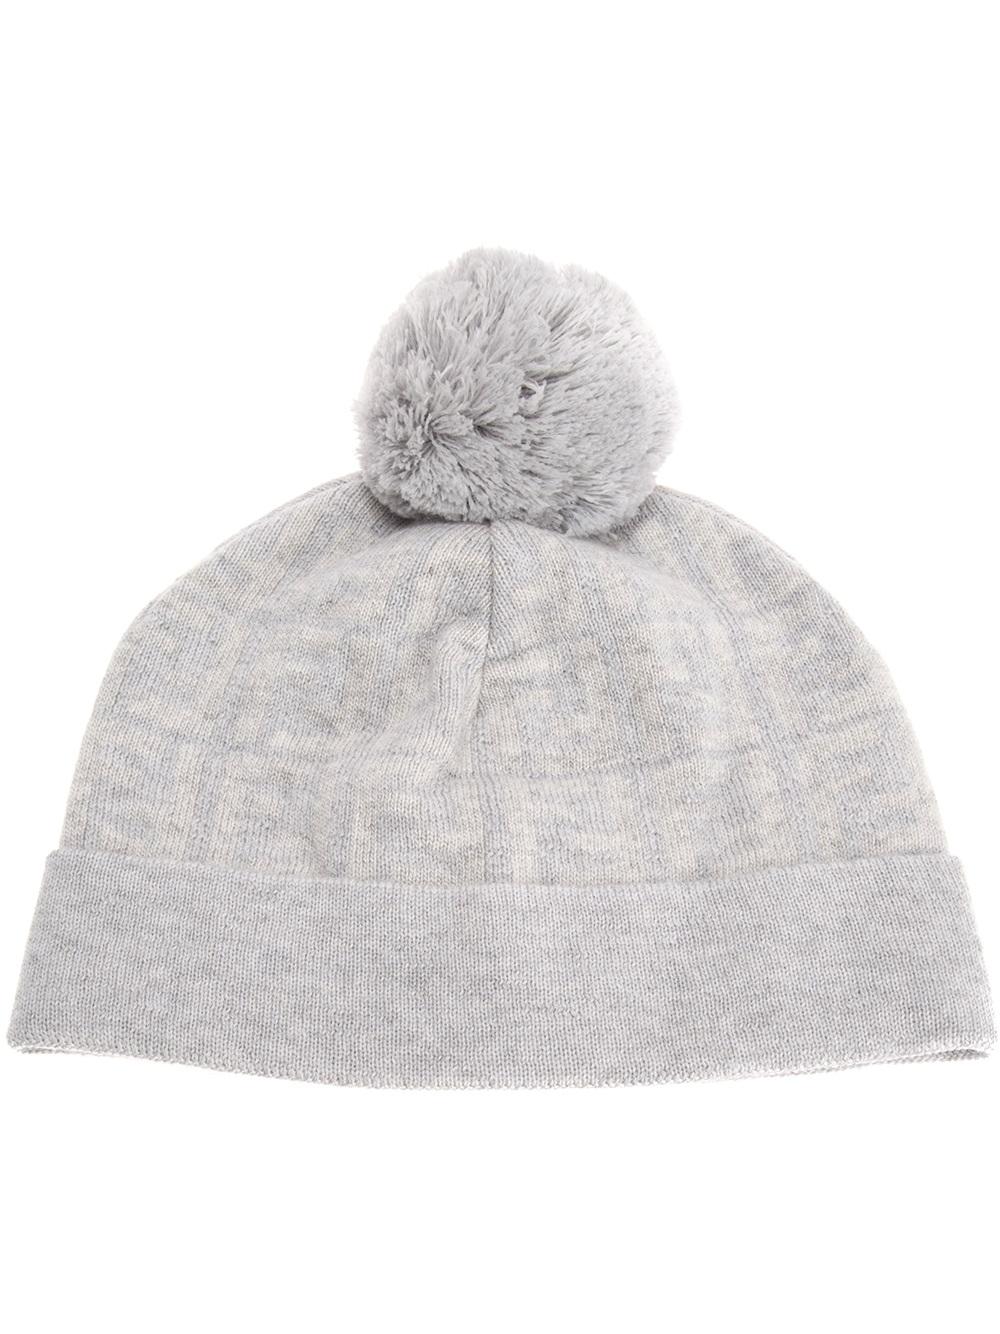 Lyst - Fendi Jacquard Monogram Bobble Hat in Gray for Men 0894139fff67